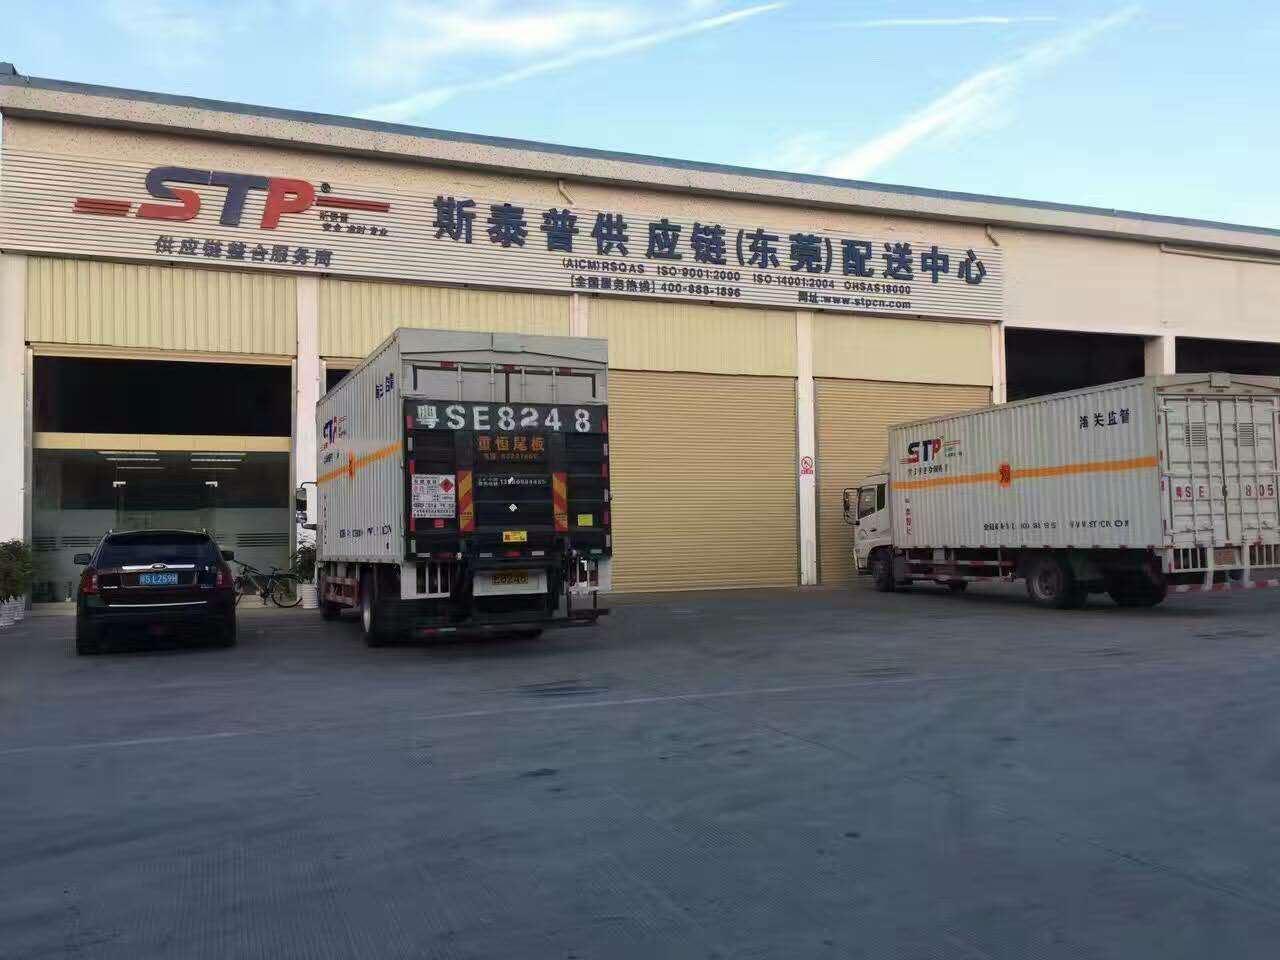 上海到松原物流专线(广东斯泰普化学供应链有限公司上海分公司)